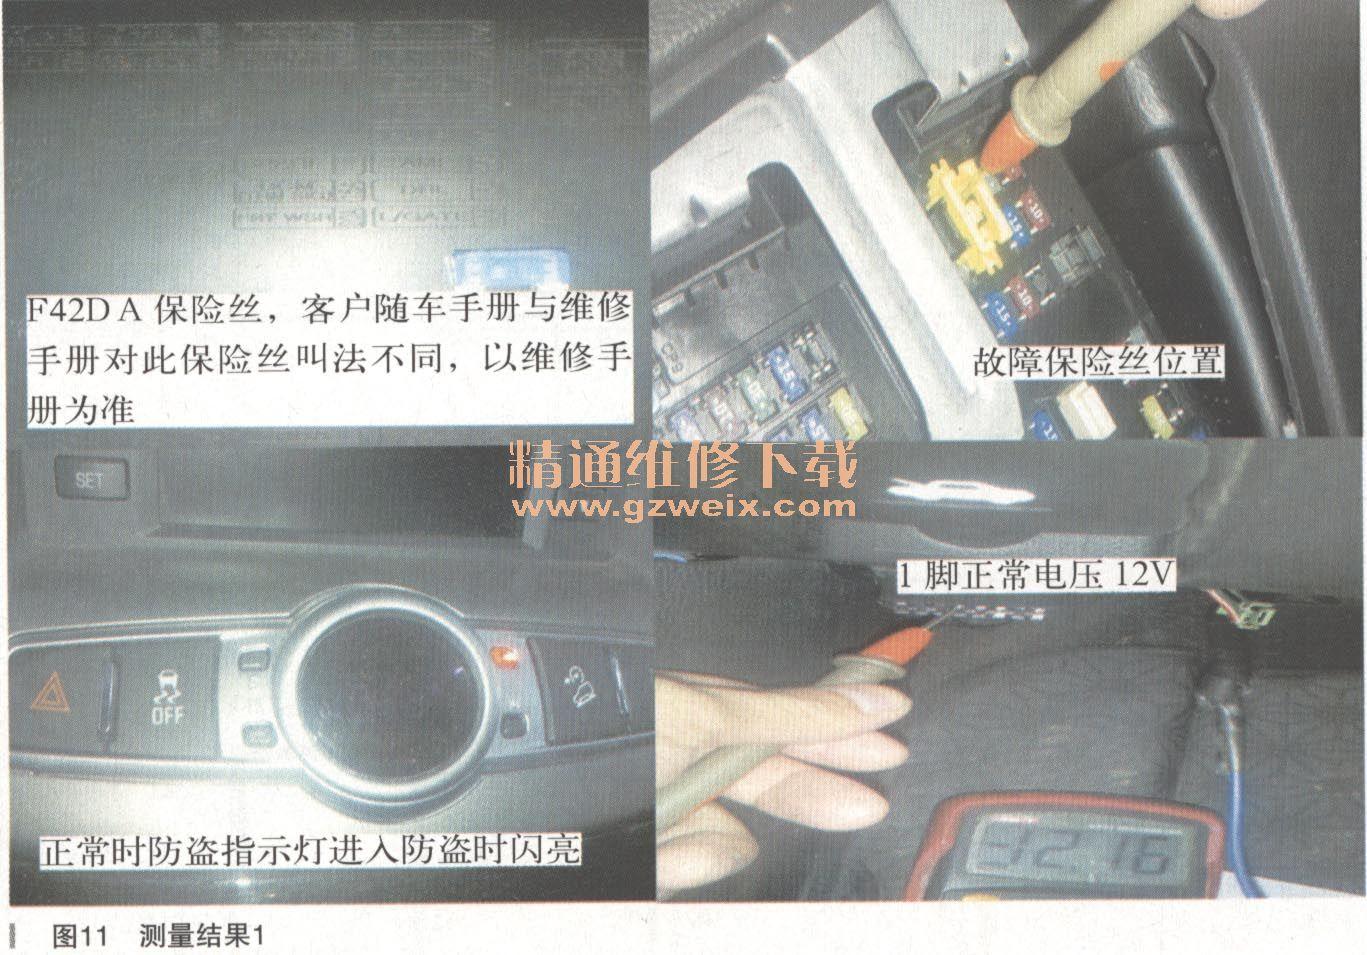 雪佛兰科帕奇遥控器不起作用高清图片